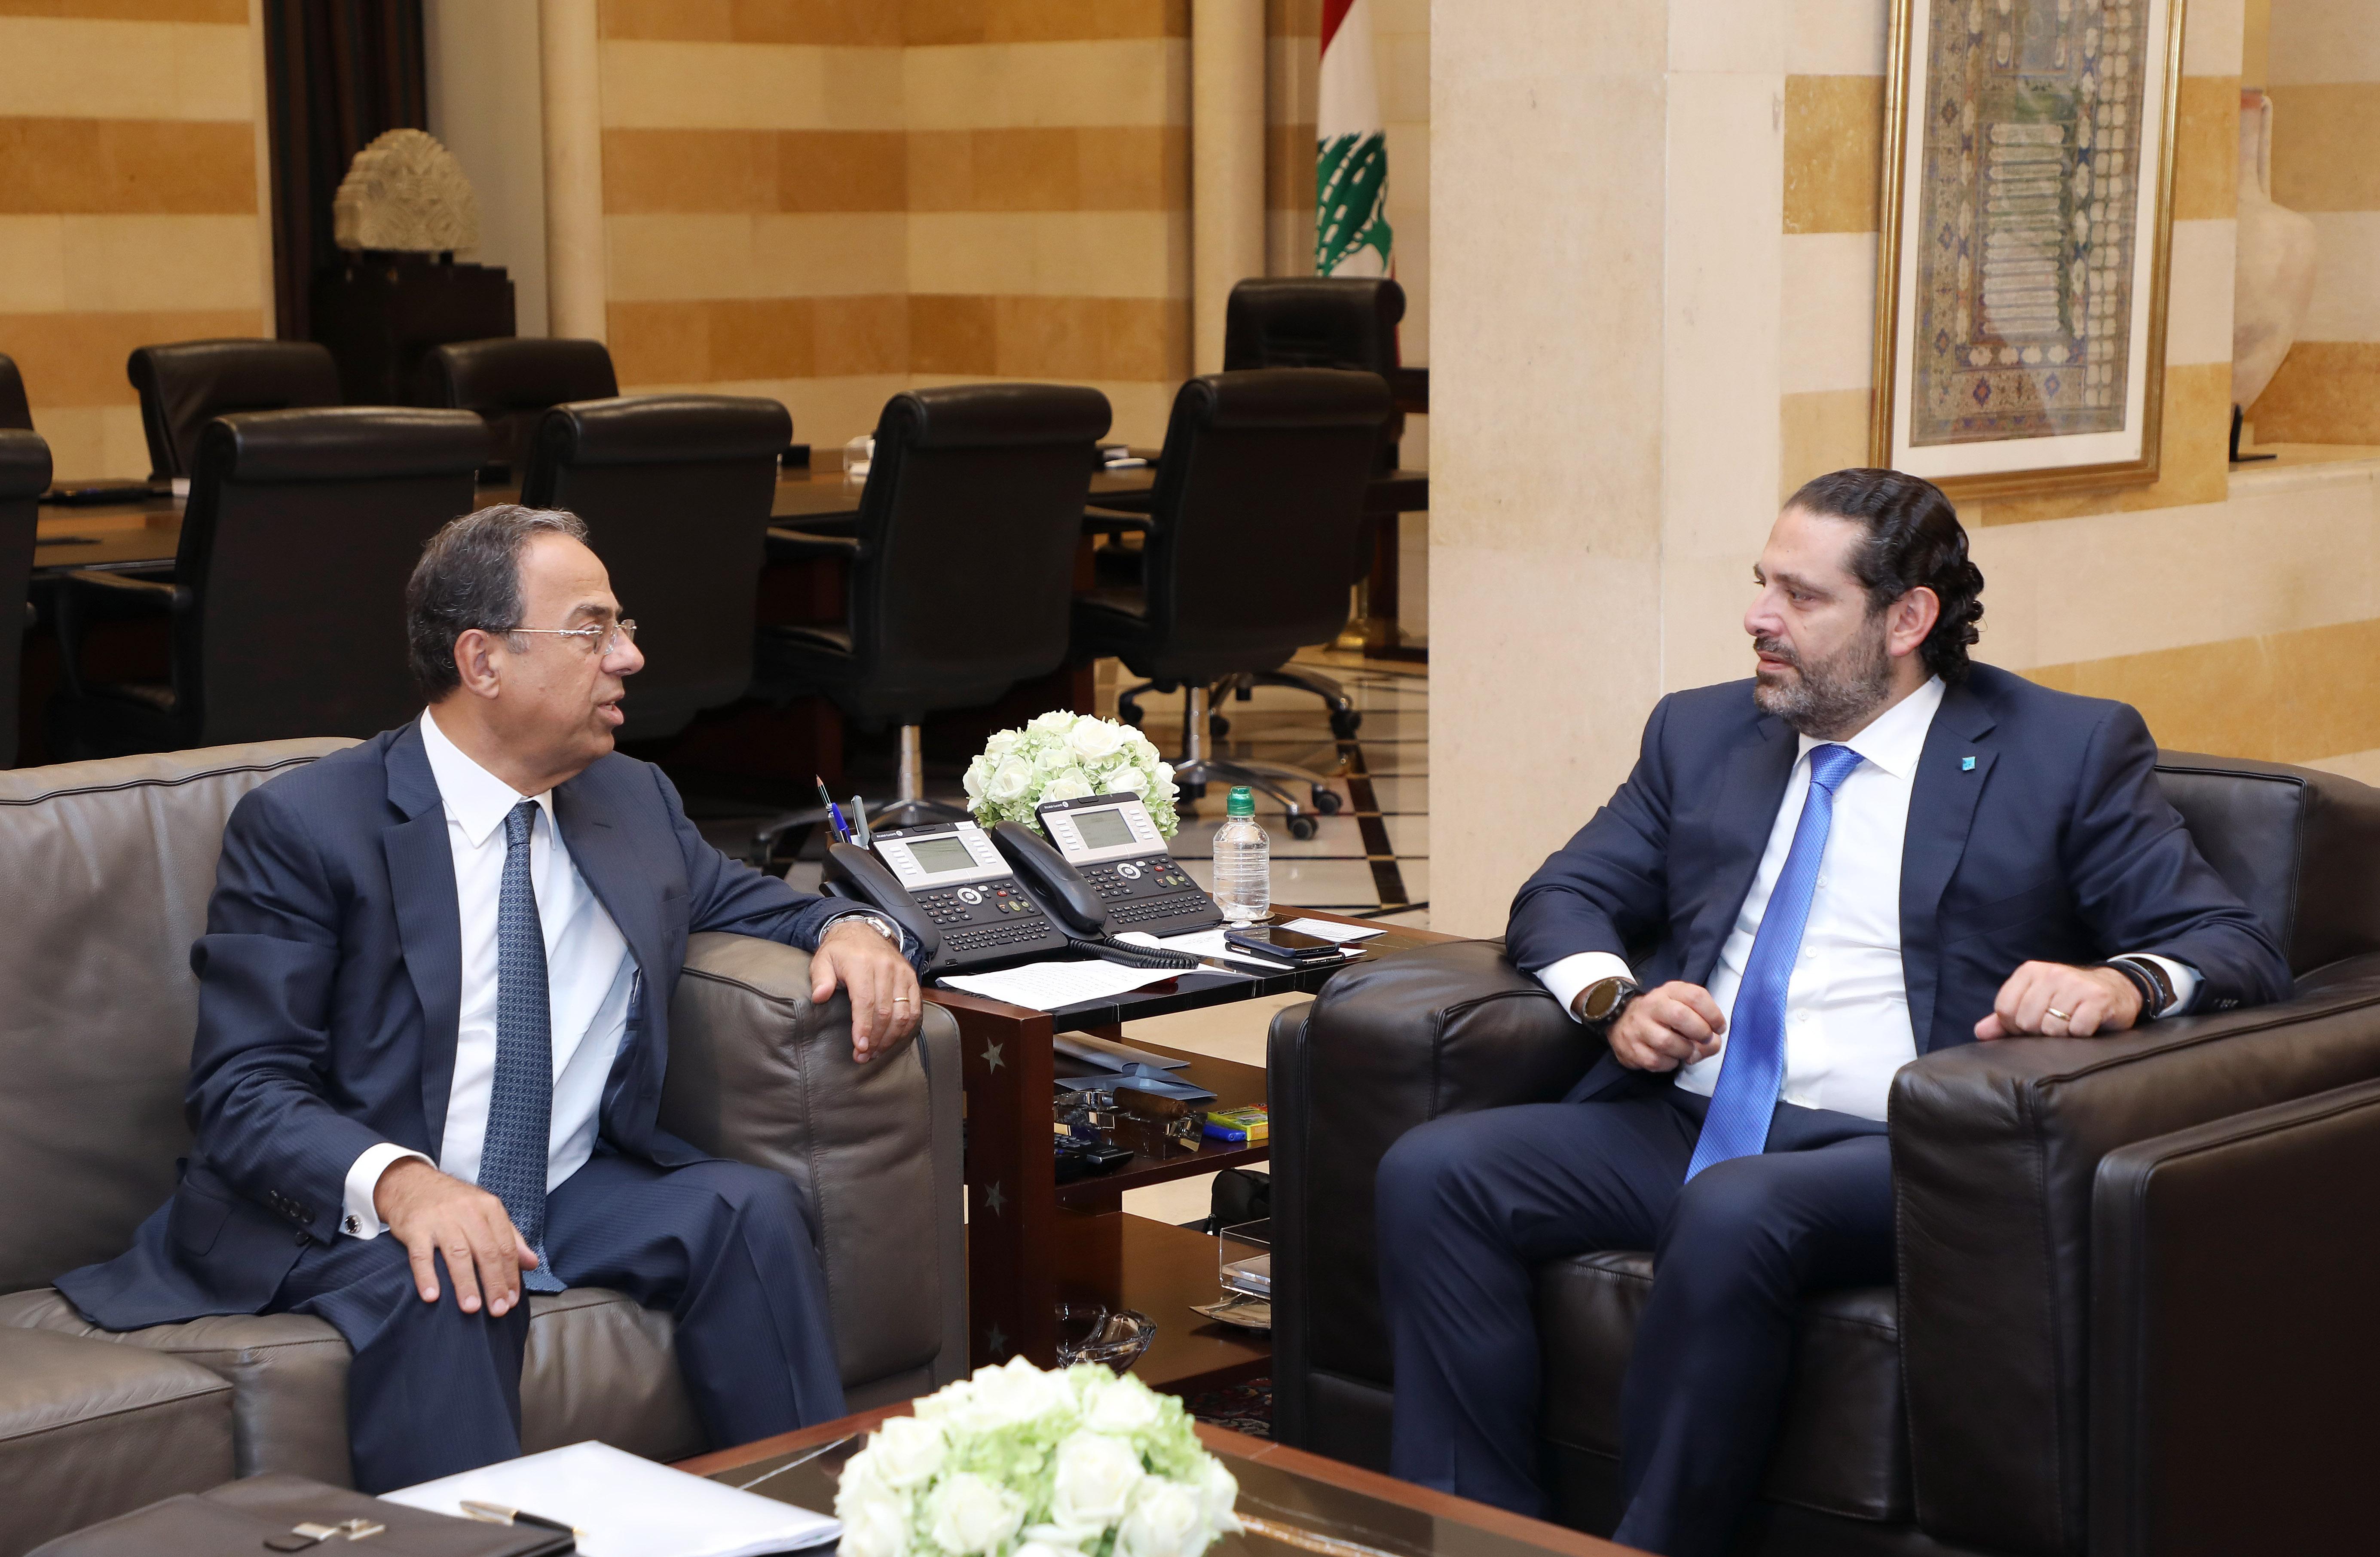 Pr Minister Saad Hariri meets Mansour Bteich